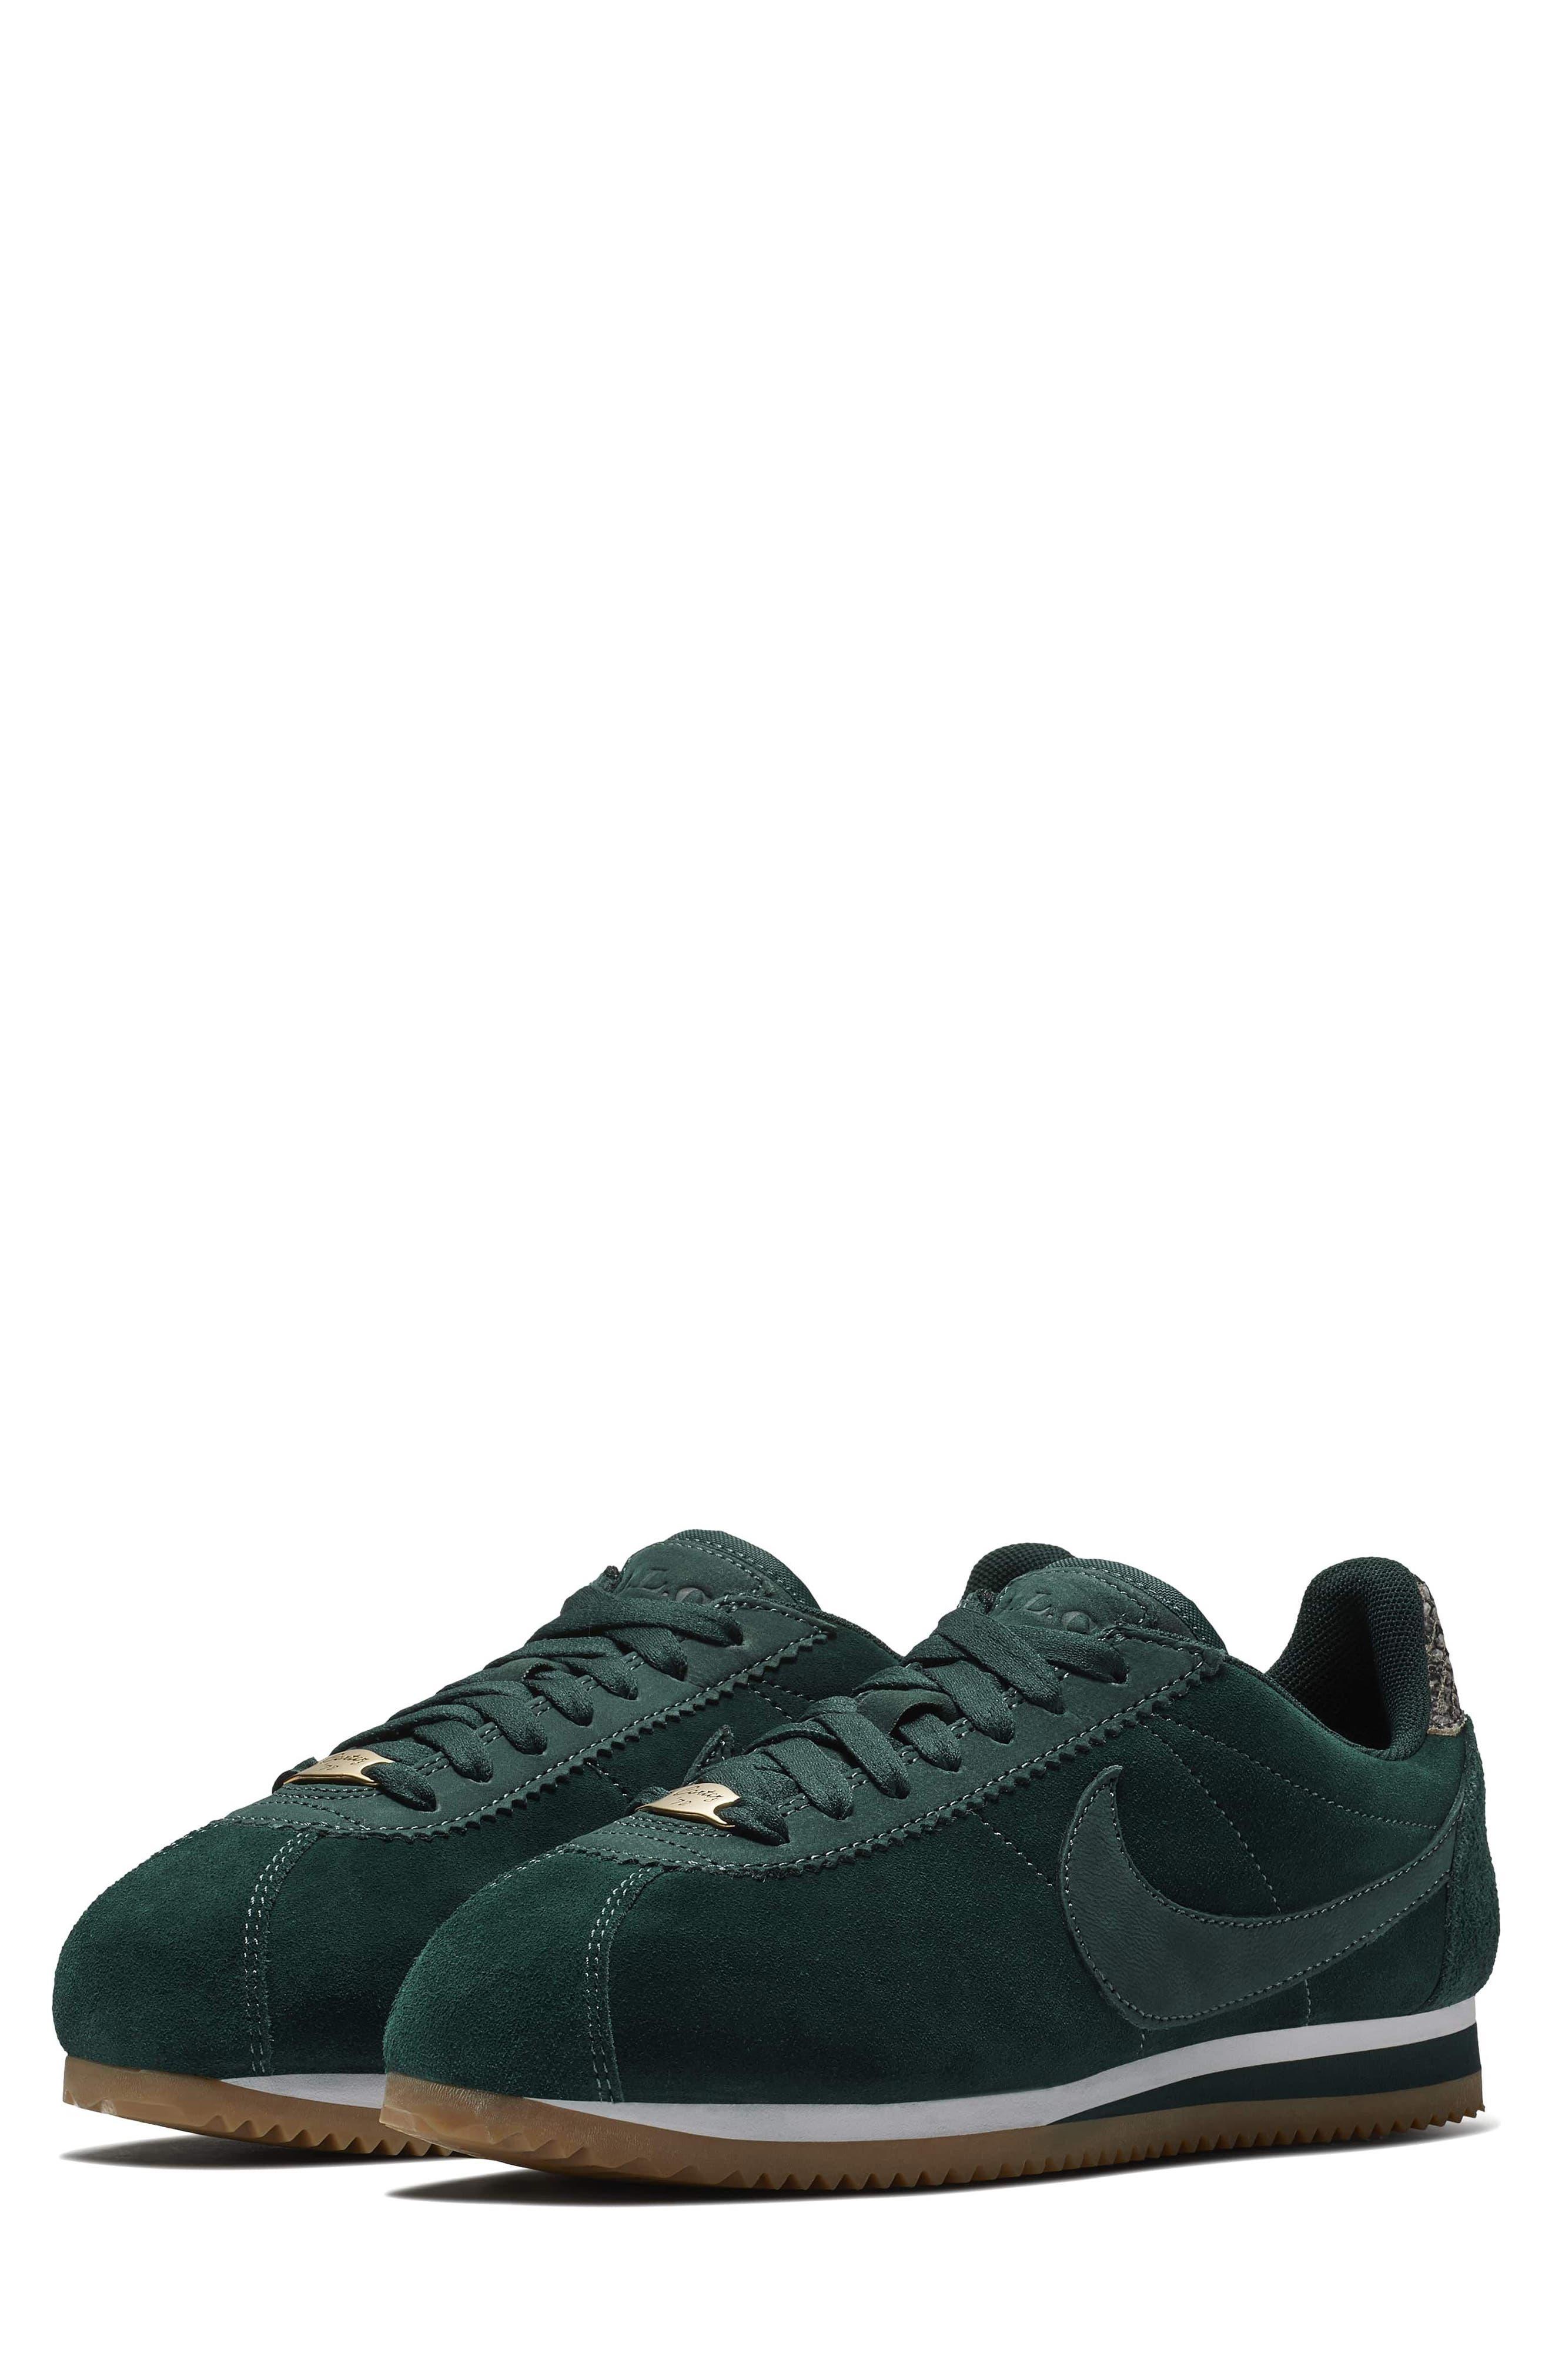 x A.L.C. Classic Cortez Sneaker,                             Main thumbnail 5, color,